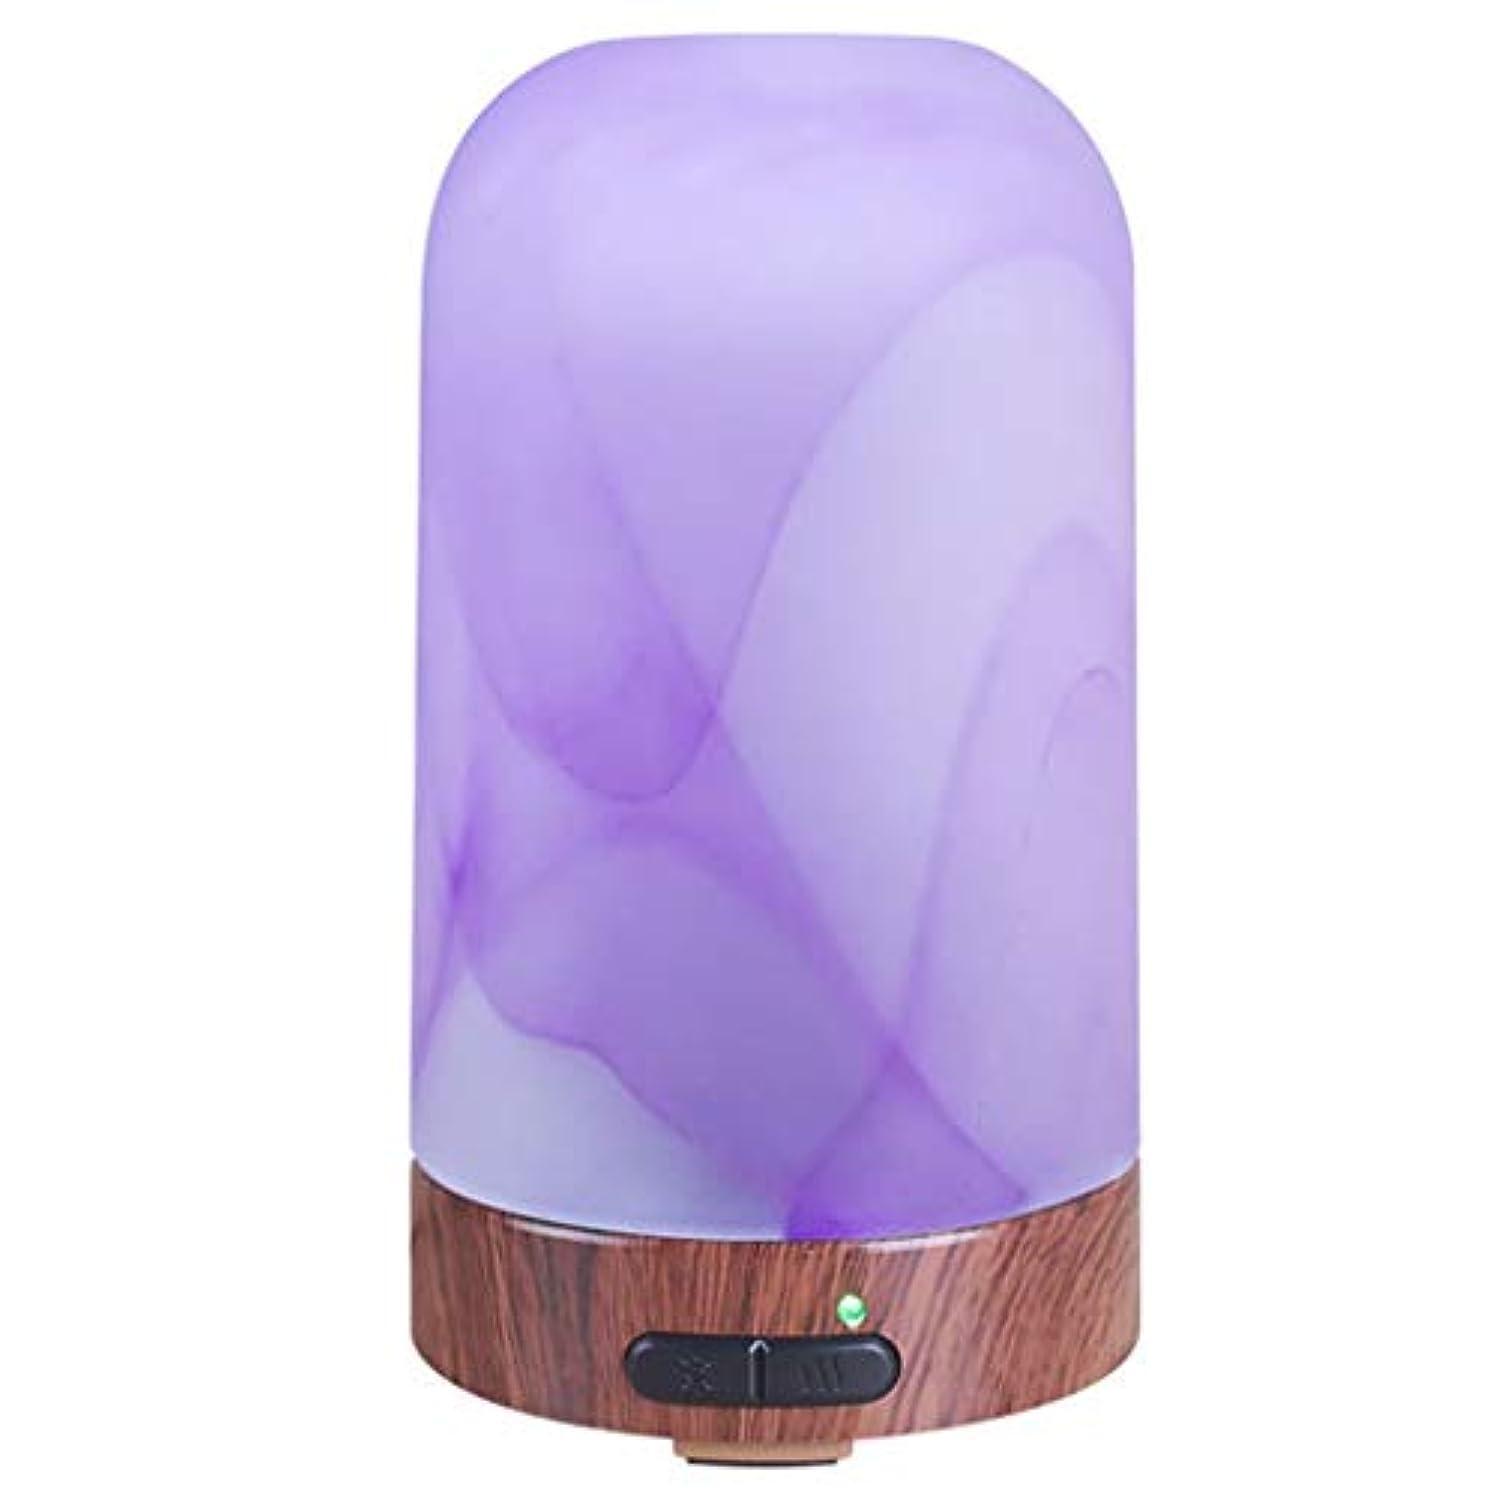 唯一接辞ティームアロマセラピーエッセンシャルオイルディフューザー、ウッドグレインアロマディフューザークールミスト加湿器付きナイトライトウォーターレスオートシャットオフホームオフィスヨガ (Color : Purple)